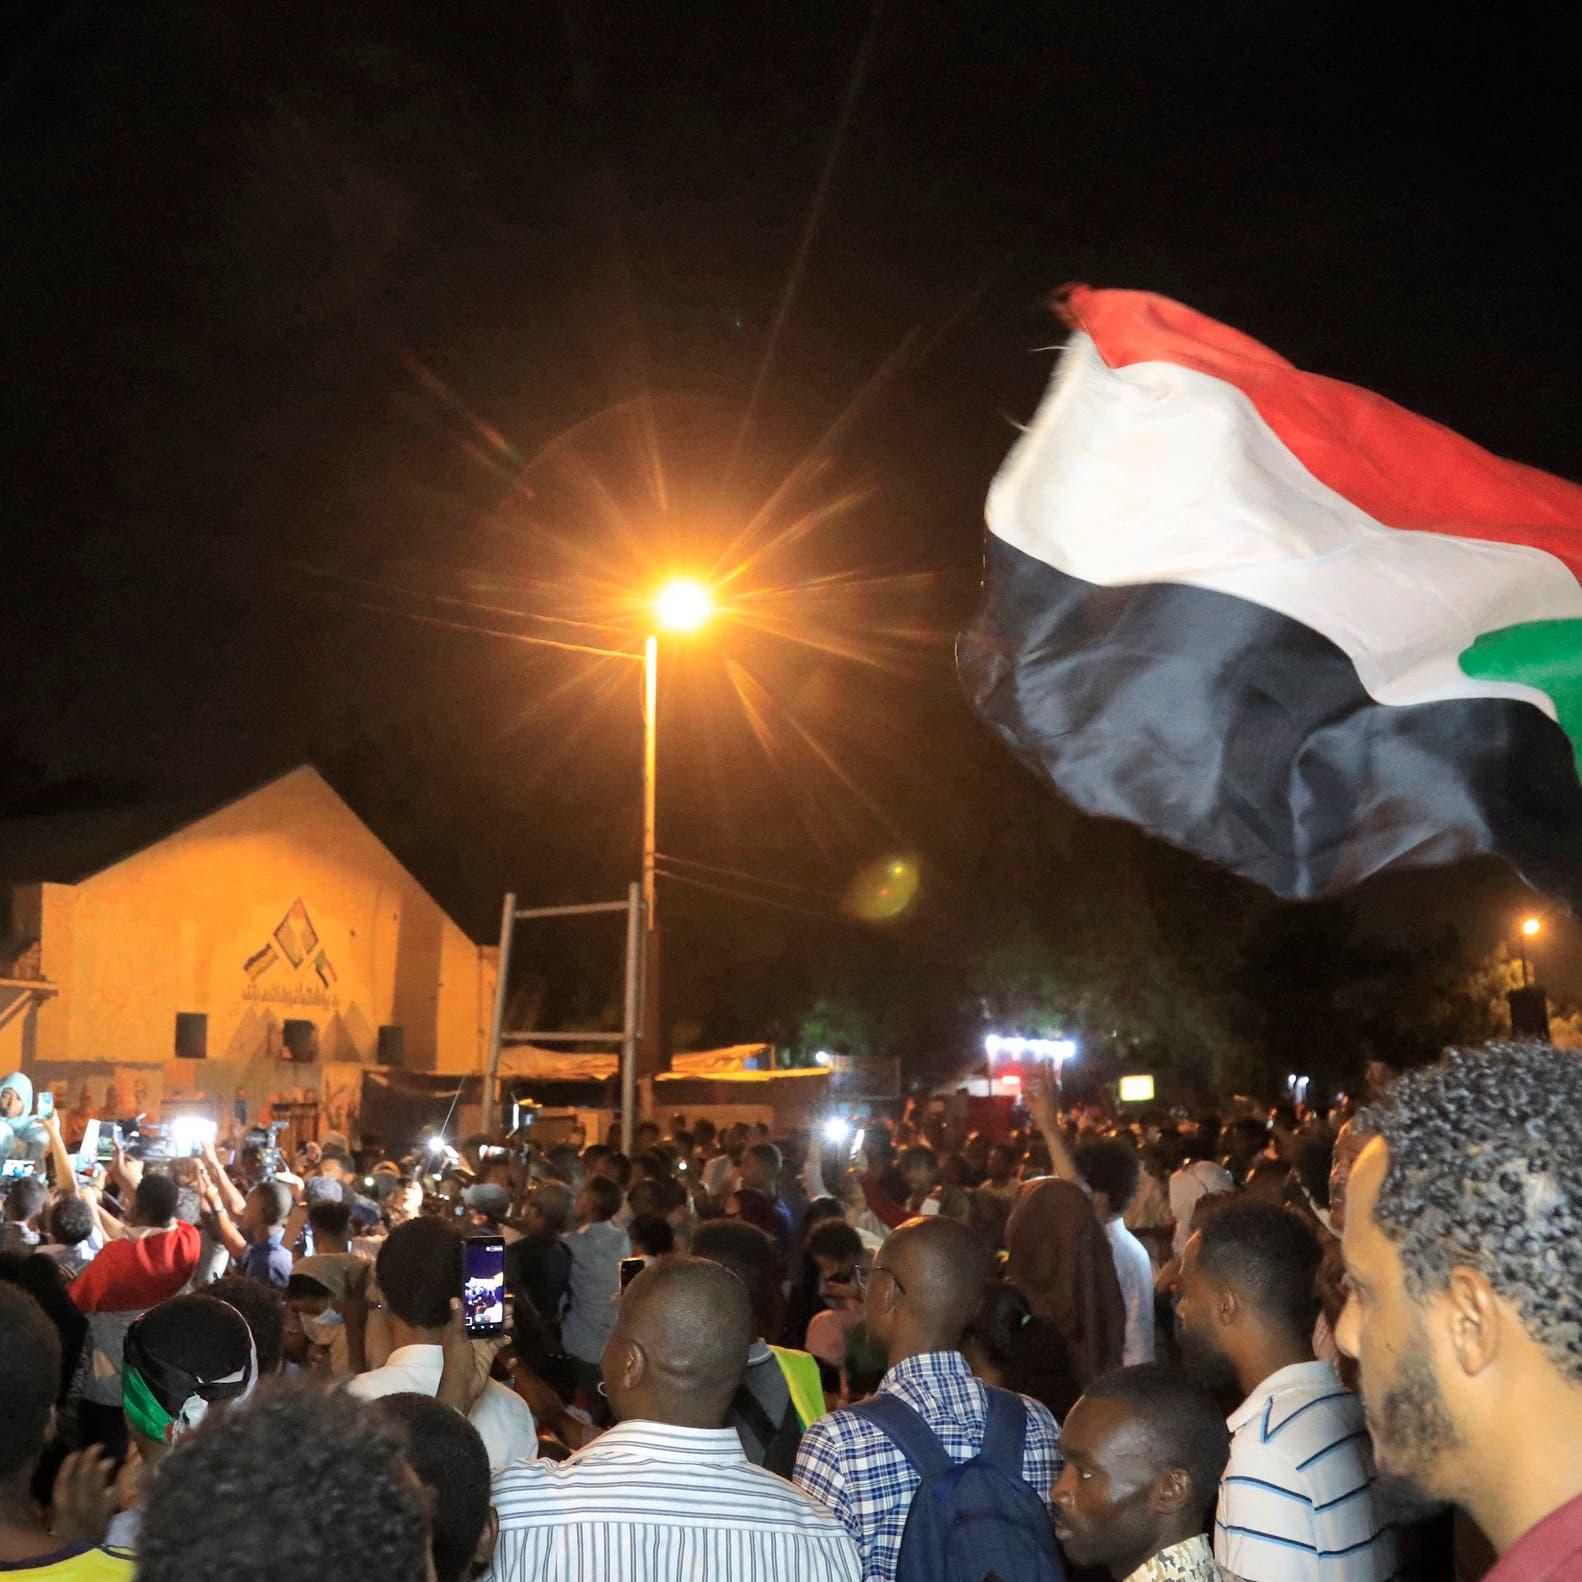 السودان.. مقتل رجل أمن بالرصاص أثناء تأمين مسيرة بذكرى فض اعتصام القيادة